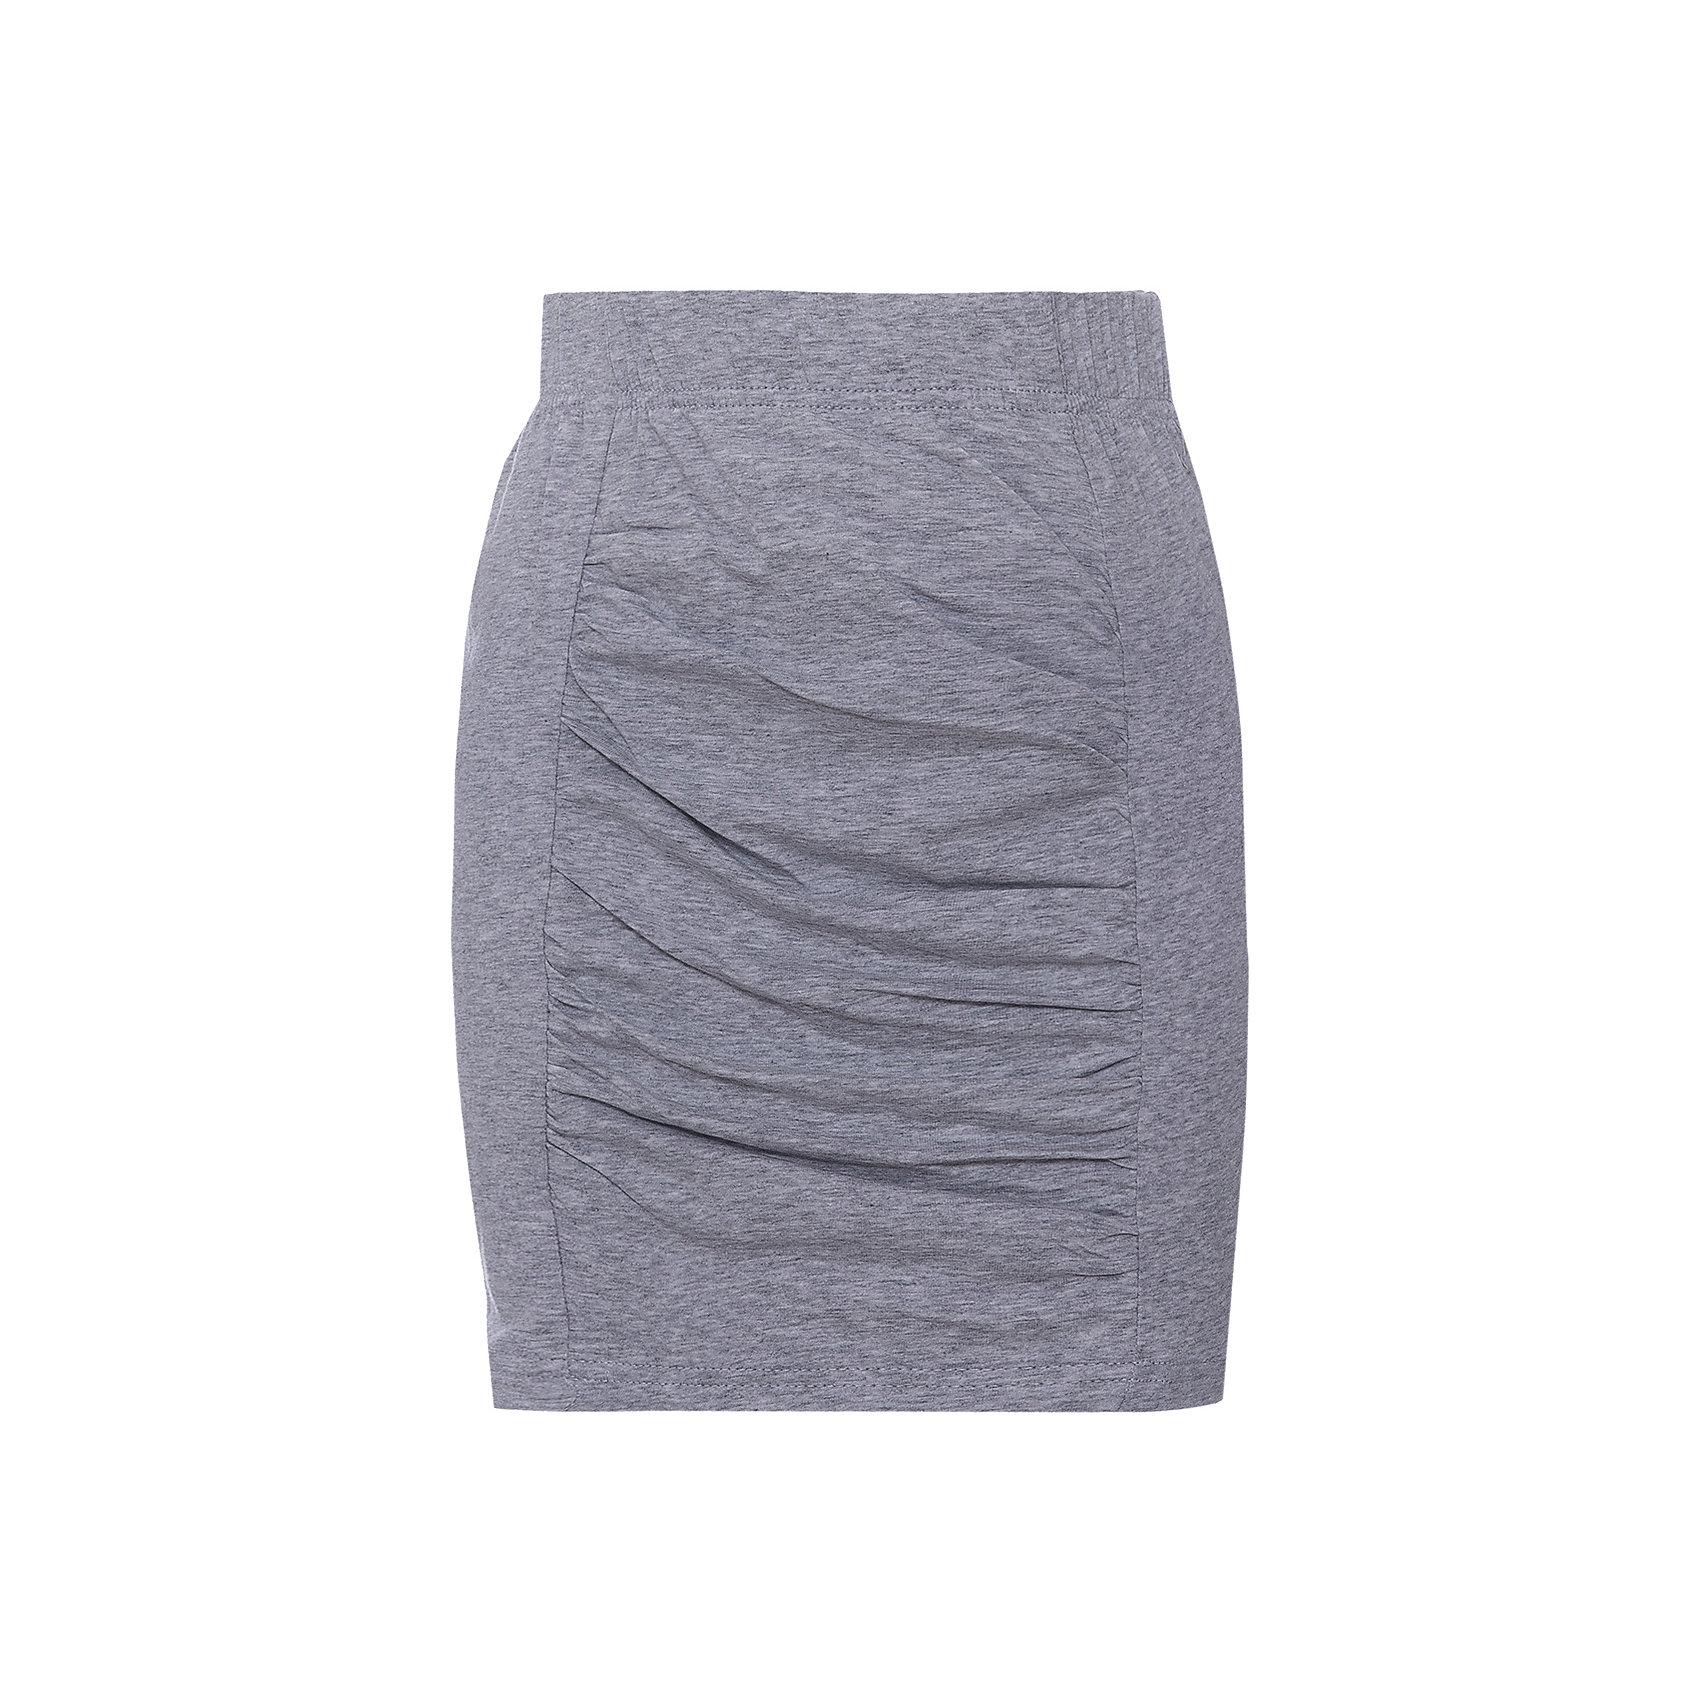 Юбка ScoolЮбки<br>Мягкая хлопоквая юбка цвета серый меланж. Прилегающий силуэт, по центру стильная вставка с драпировкой. Цельнокройный пояс. Юбка хорошо сочетается с легкими туниками. Состав: 95% хлопок, 5% эластан<br><br>Ширина мм: 207<br>Глубина мм: 10<br>Высота мм: 189<br>Вес г: 183<br>Цвет: серый<br>Возраст от месяцев: 96<br>Возраст до месяцев: 108<br>Пол: Женский<br>Возраст: Детский<br>Размер: 134,140,146,152,158,164<br>SKU: 4652894